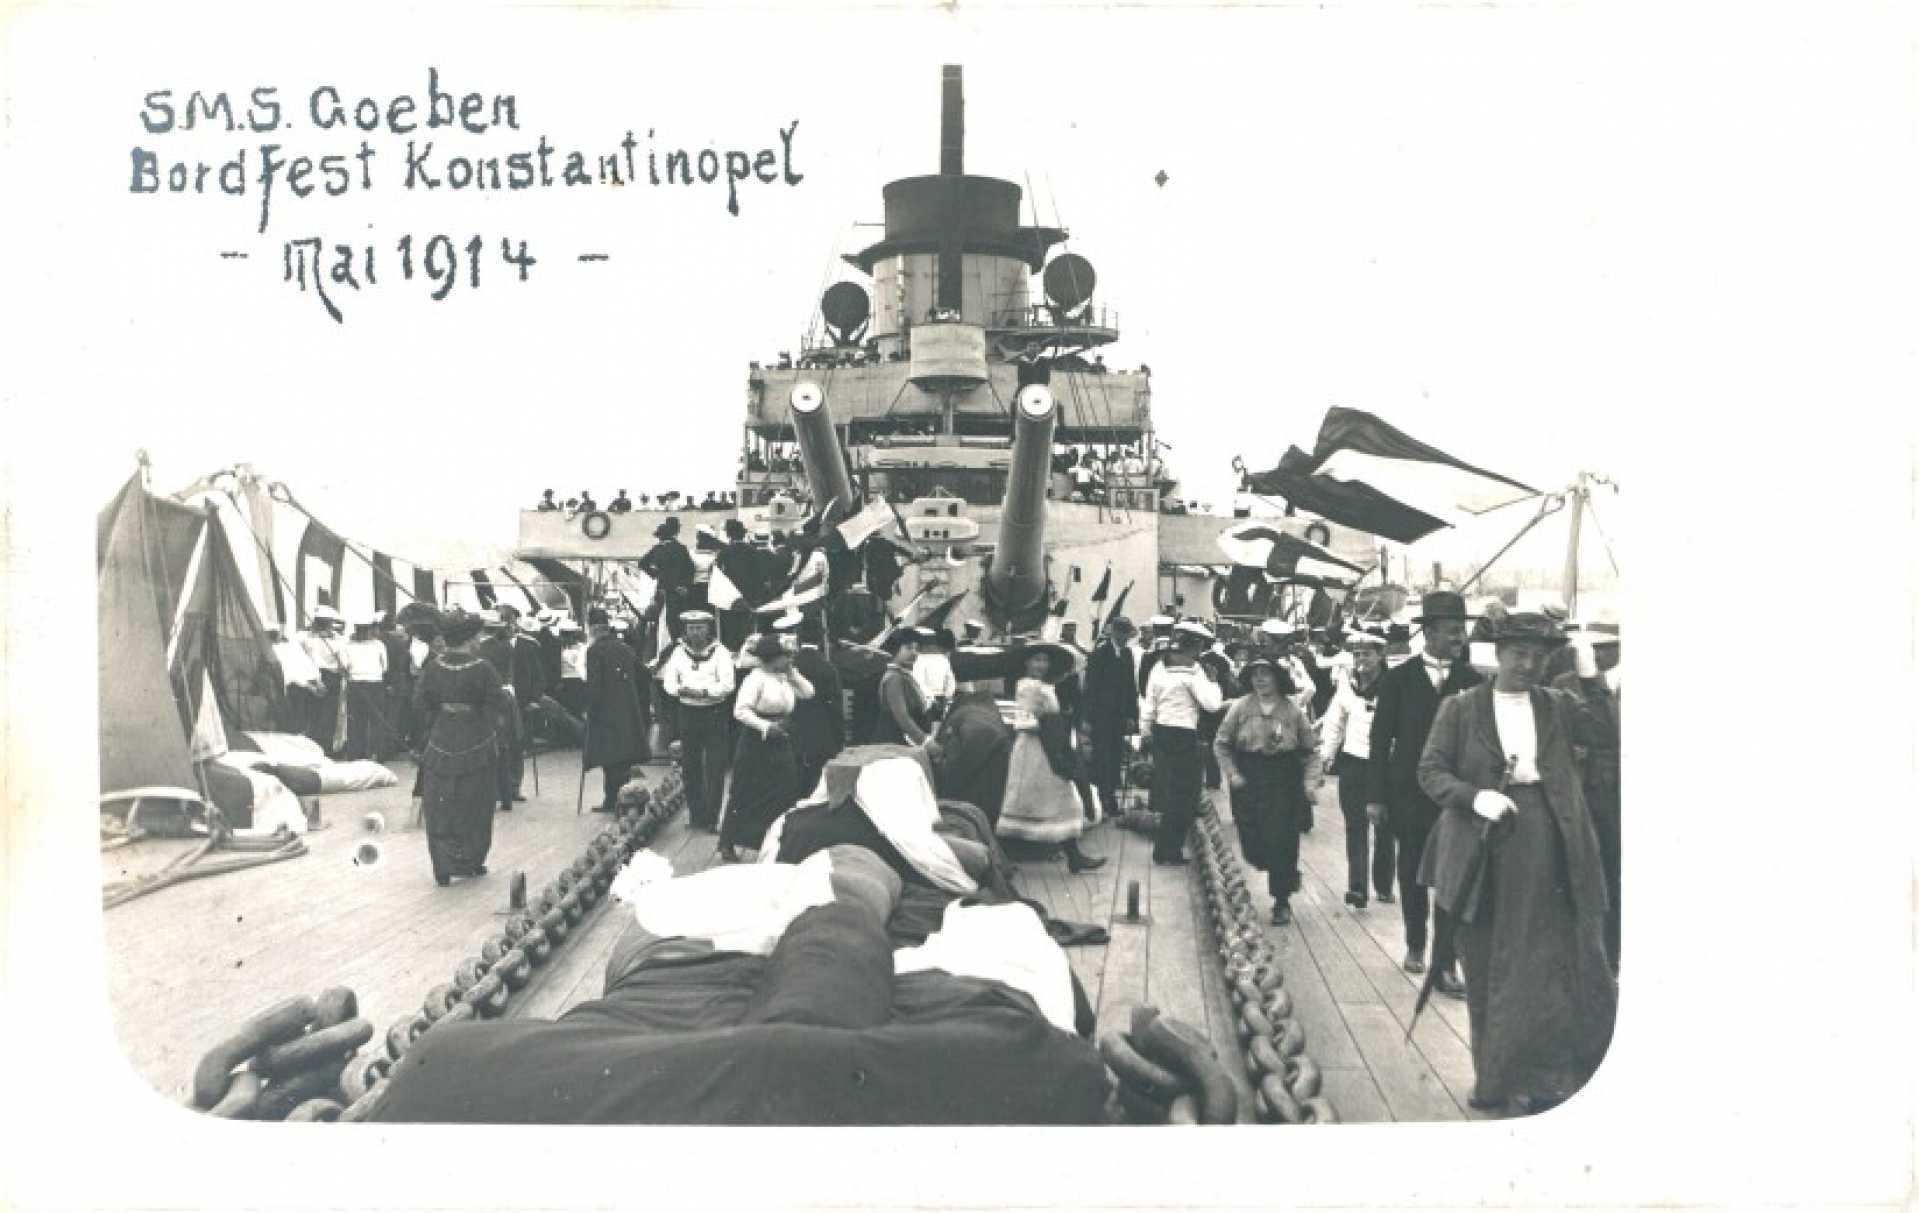 S.M.S. Goeben Bordfest